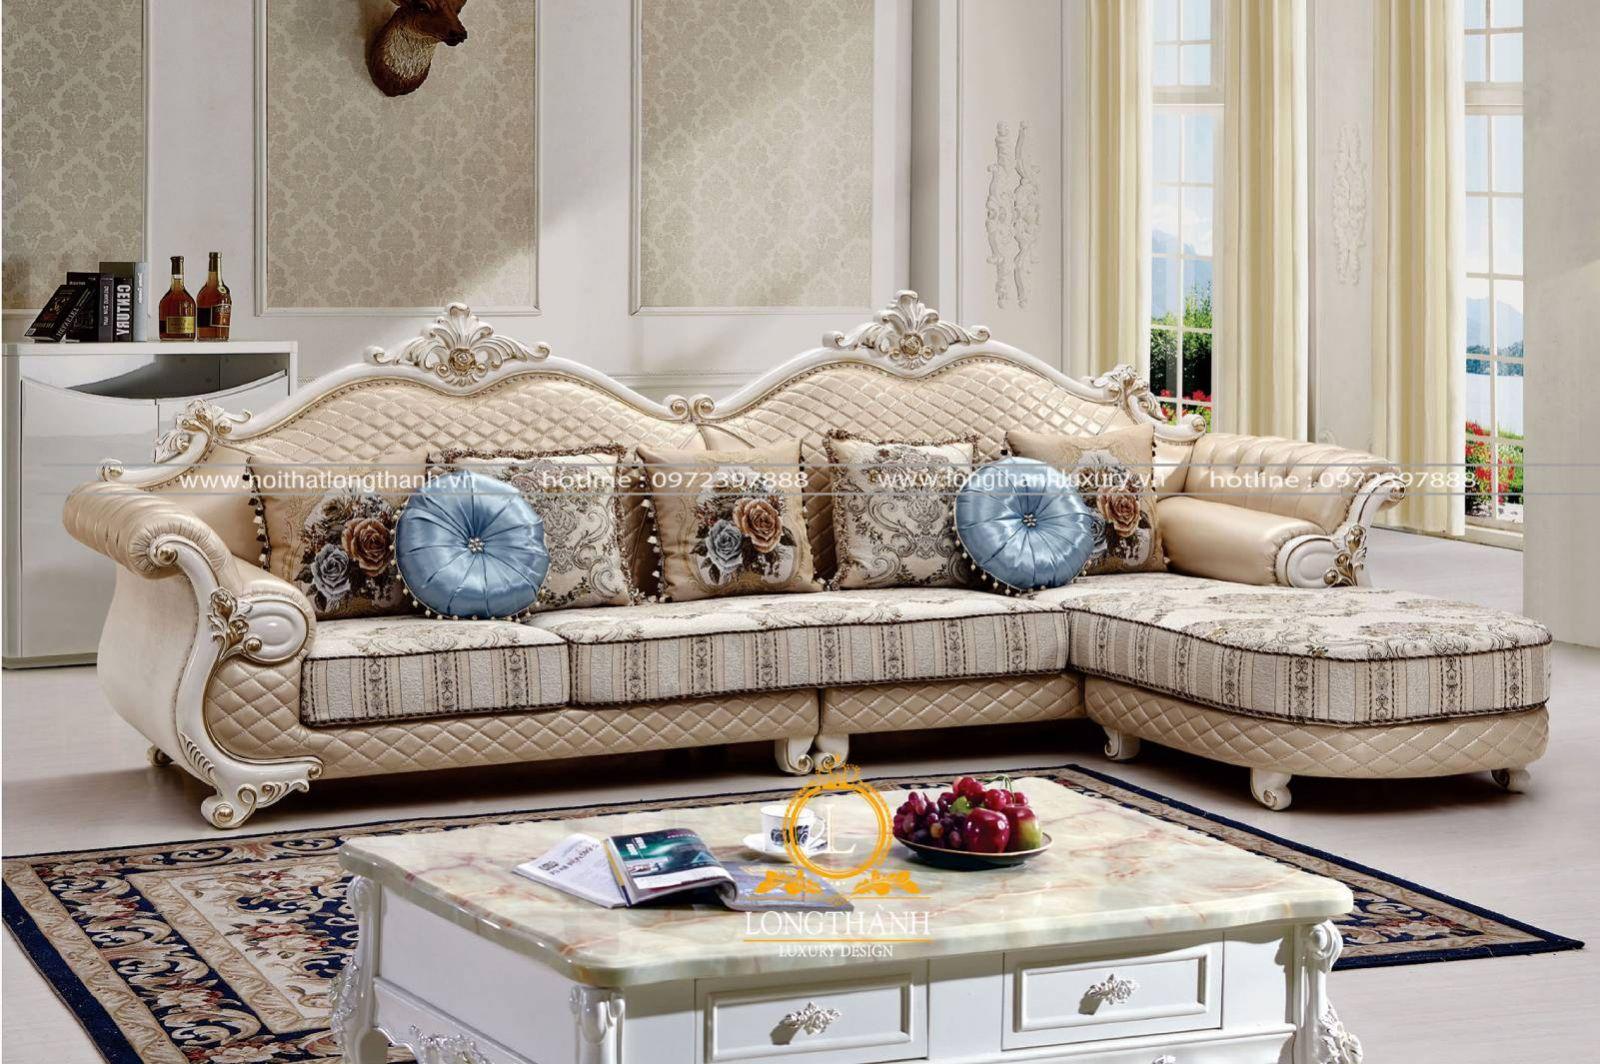 Bộ bàn ghế sofa có vai trò quan trọng trong thiết kế nội thất phòng khách